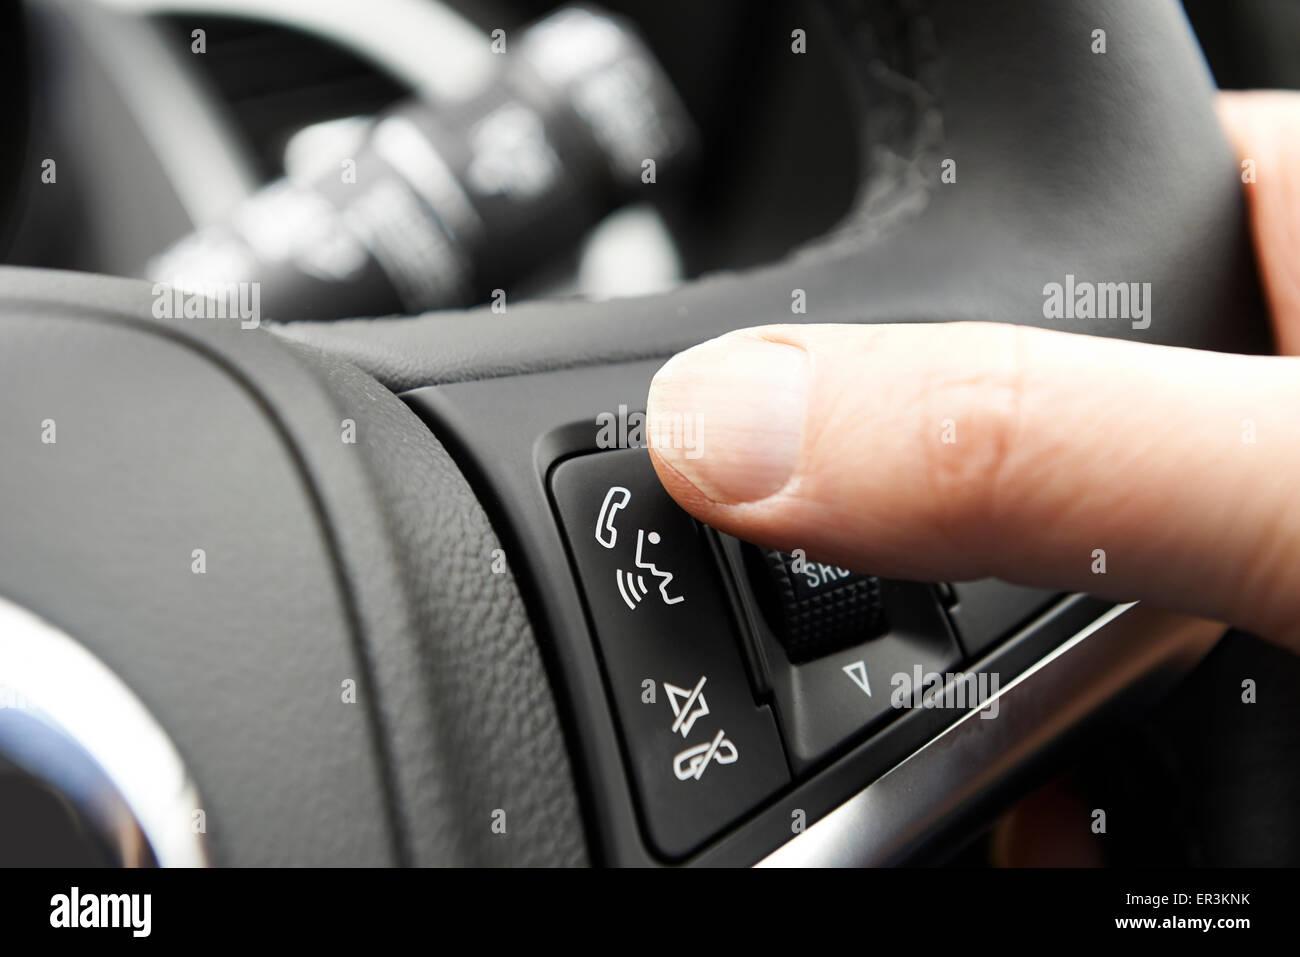 Stretta di mano premendo auto controllo Bluetooth sul volante Immagini Stock